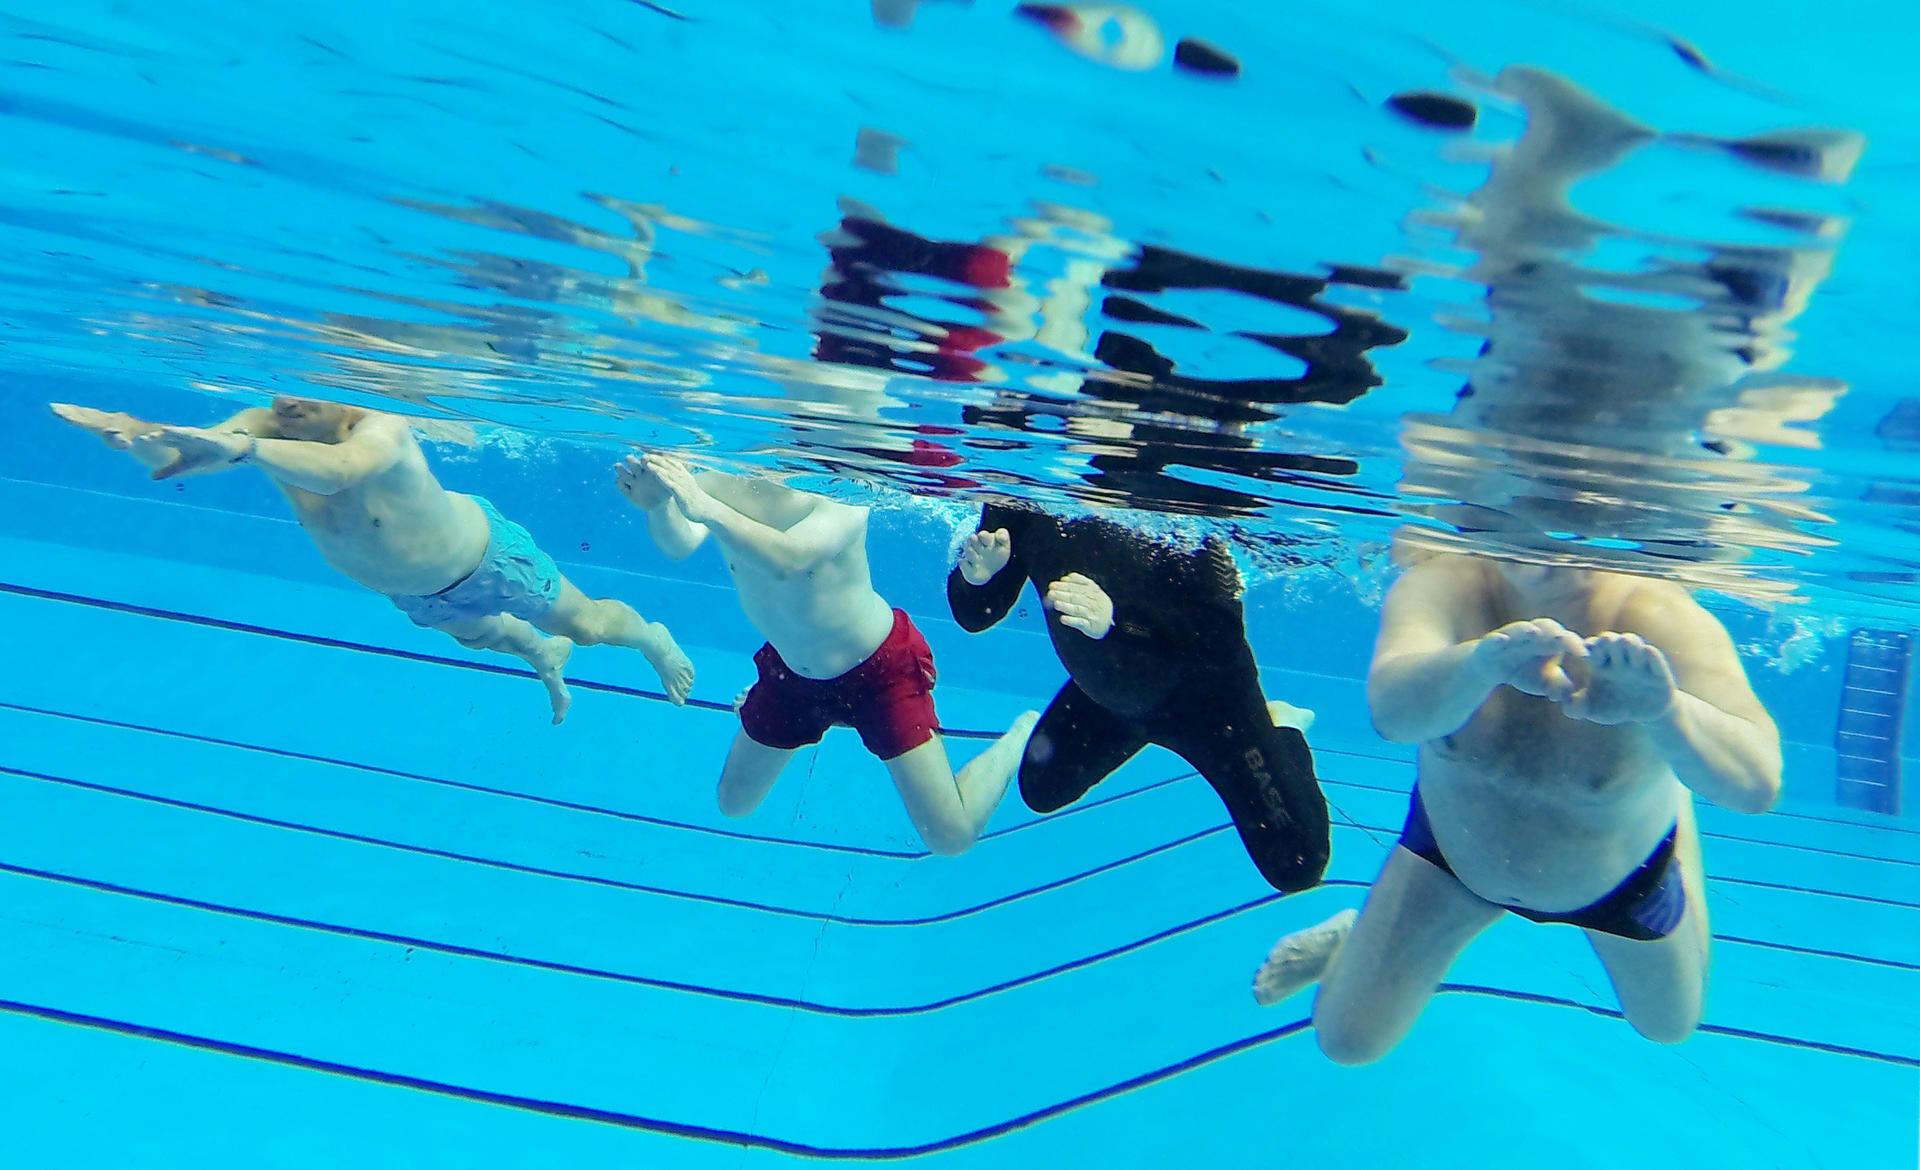 Schwimmender Pool Chemischer F/ür Chlorspender Chlorschwimmer Mit Verschlusskappe Goodde Chlor Dosierschwimmer Premium Floater Chlortablettenverteiler F/ür 1-Zoll-Chlortabletten